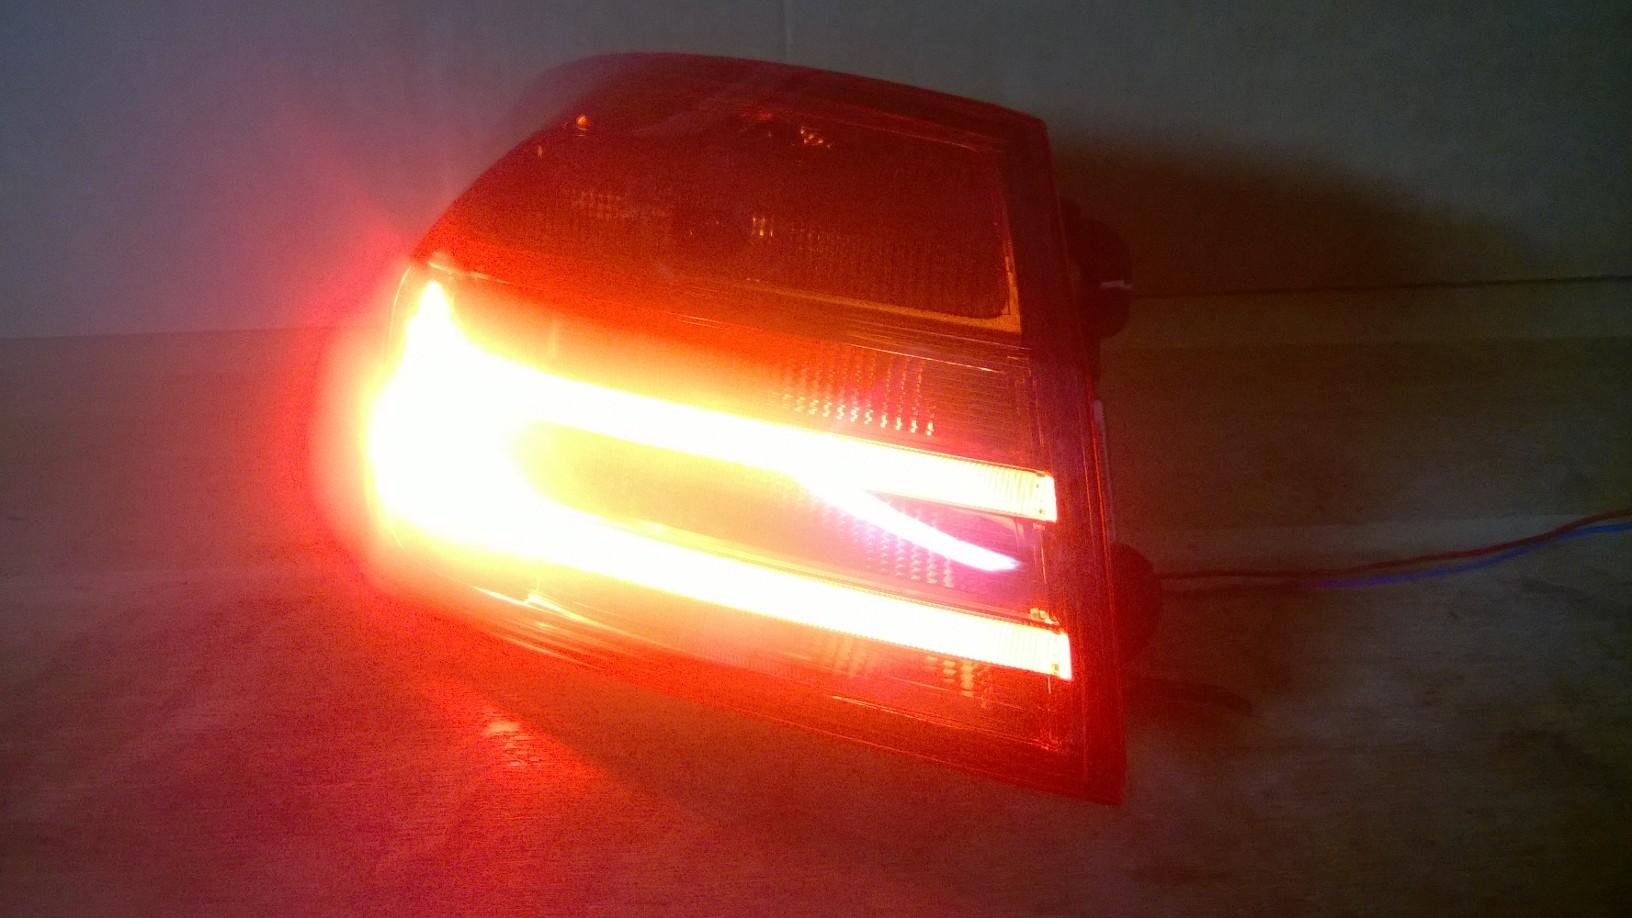 Reparatur von lampen led bmw f32 428i 2013r reparatur for Lampen reparatur